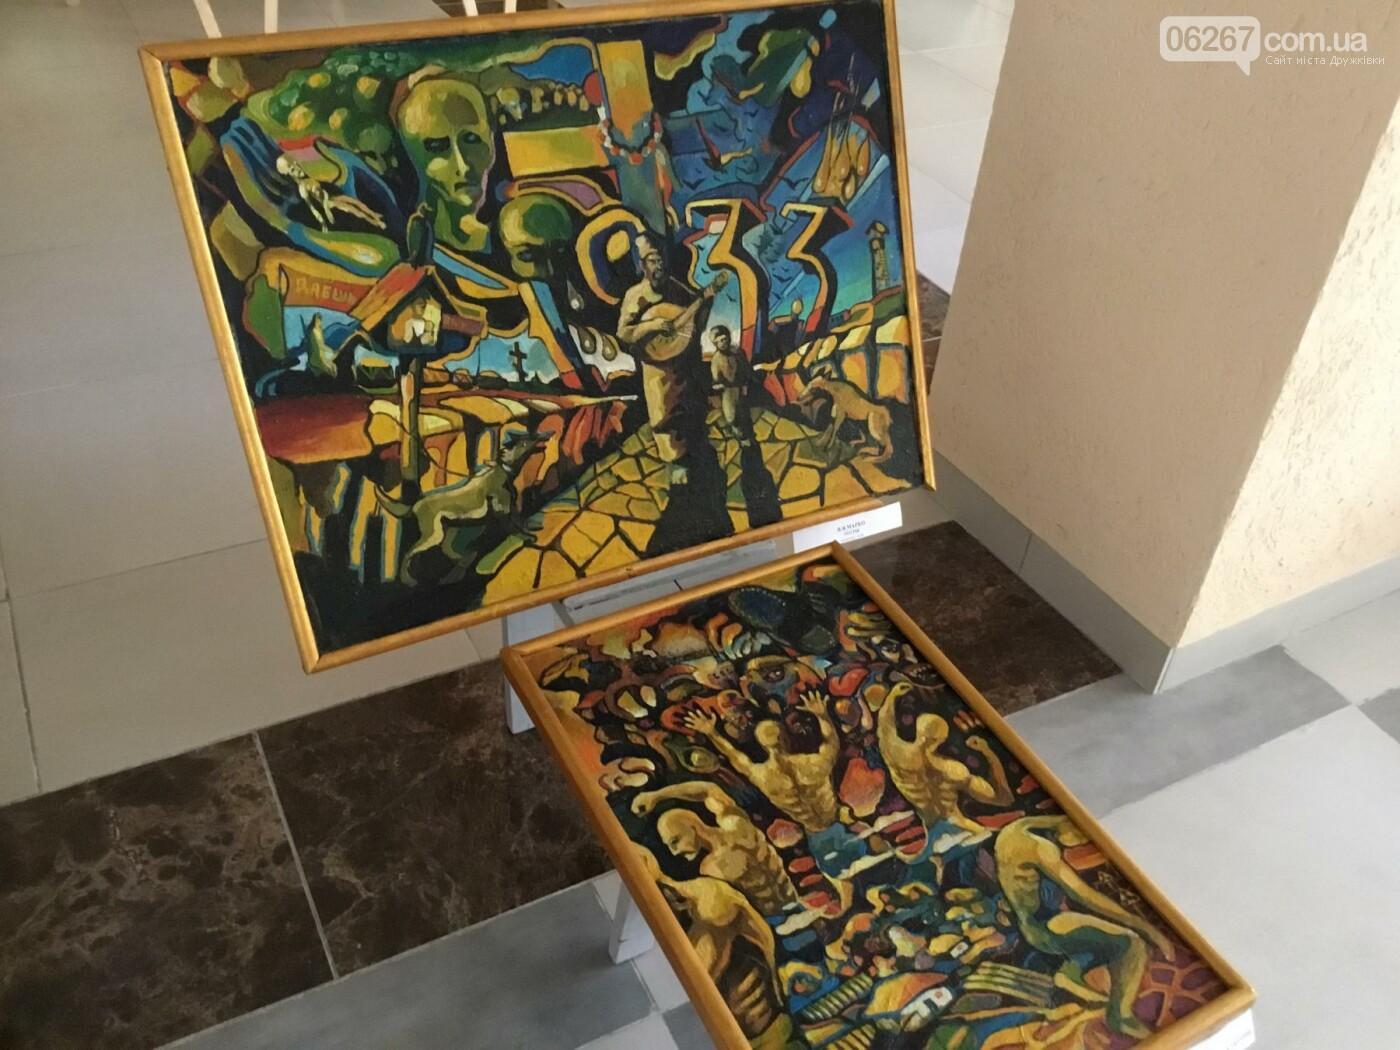 Праздник Независимости в Дружковке отметили выставкой картин и изделий народного творчества (ФОТО, ВИДЕО), фото-4